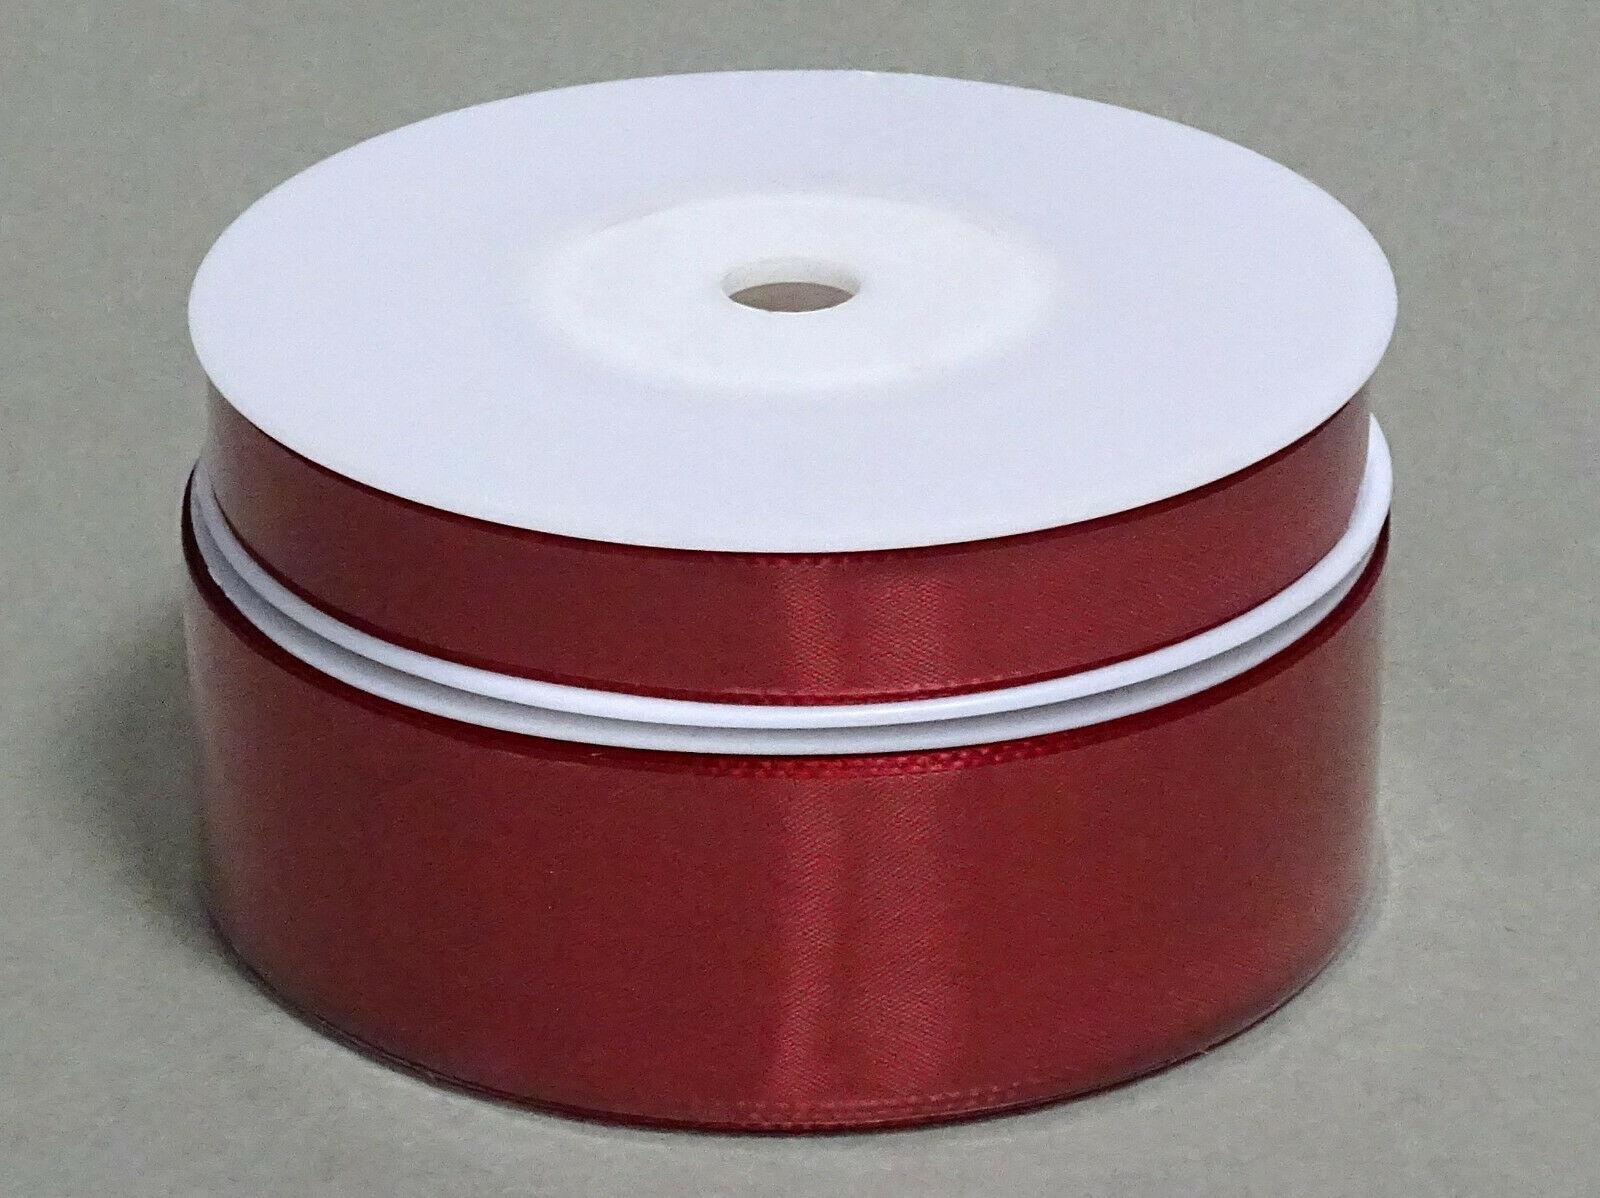 Seidenband Schleifenband 50 m x 15 mm / 40 mm Dekoband ab 0,08 €/m Geschenkband  - Bordeaux 124, 40 mm x 50 m